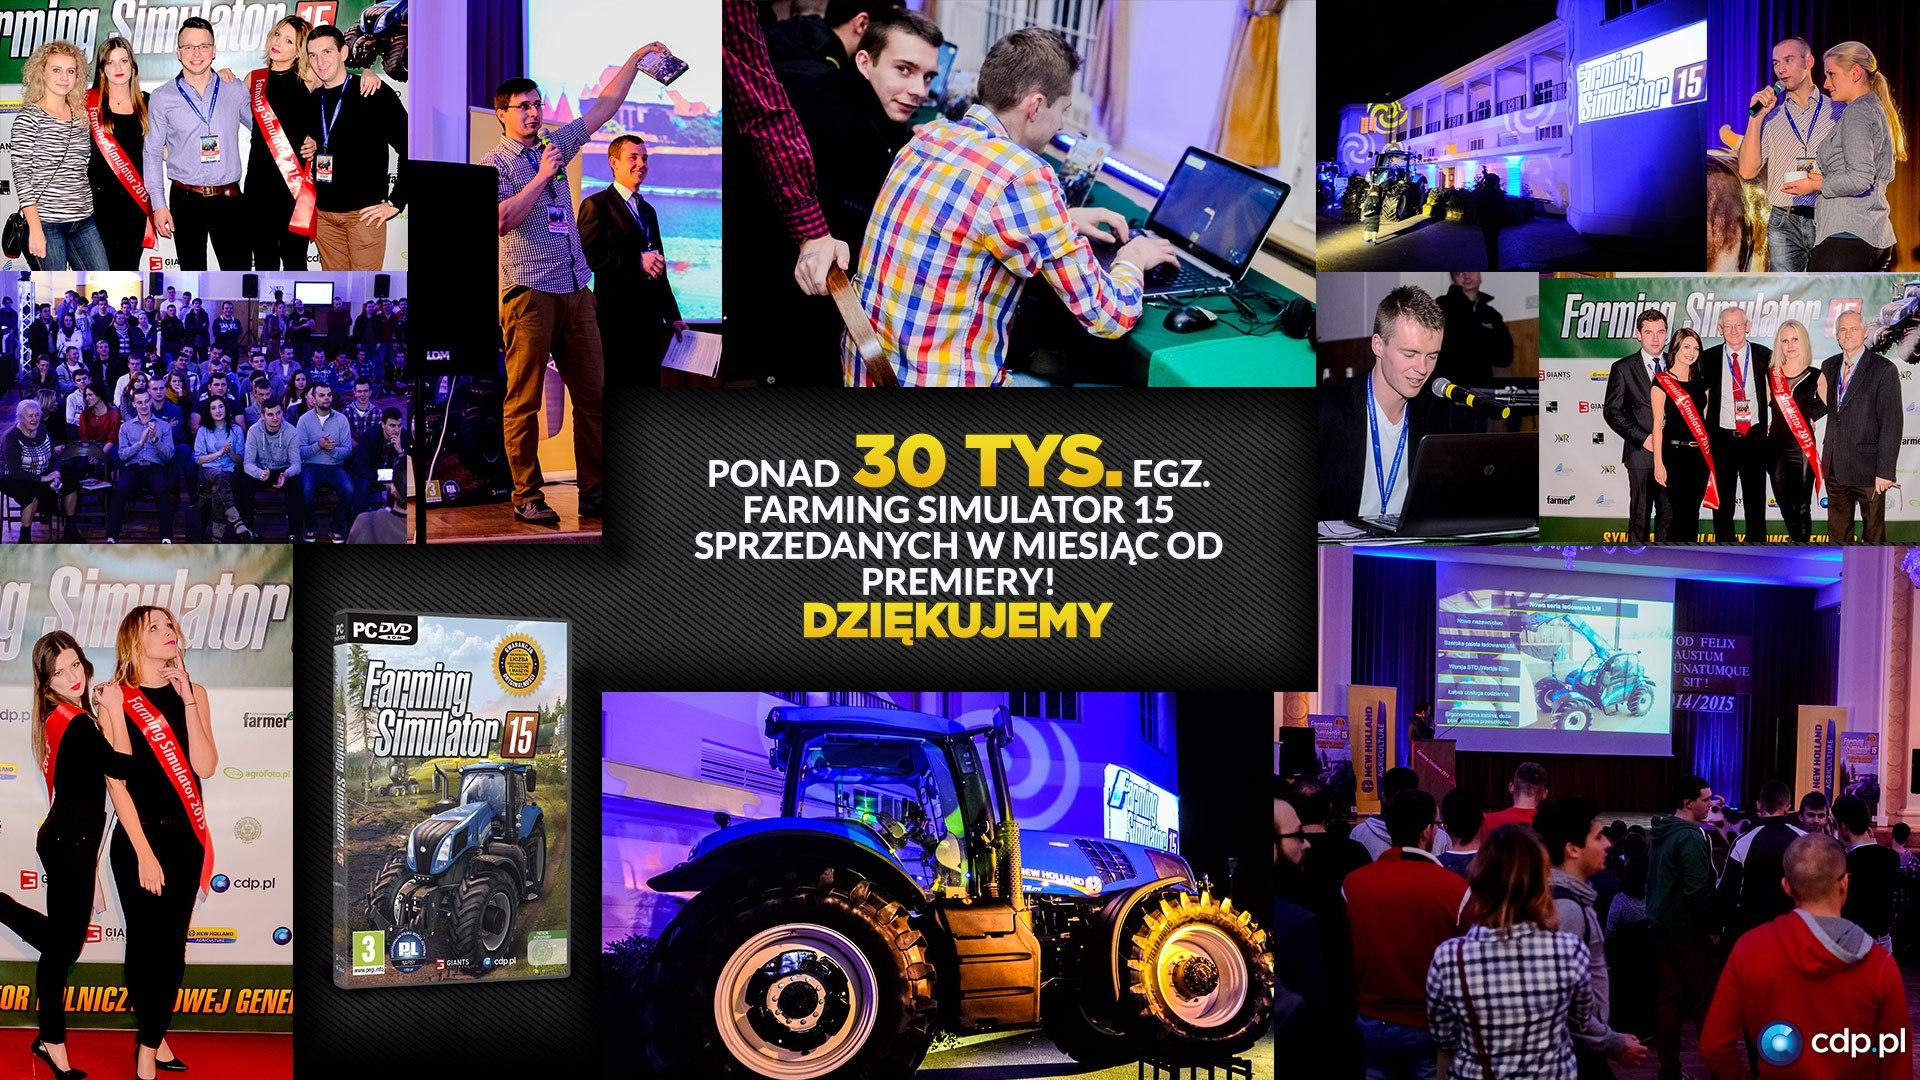 farming symulator info_pk